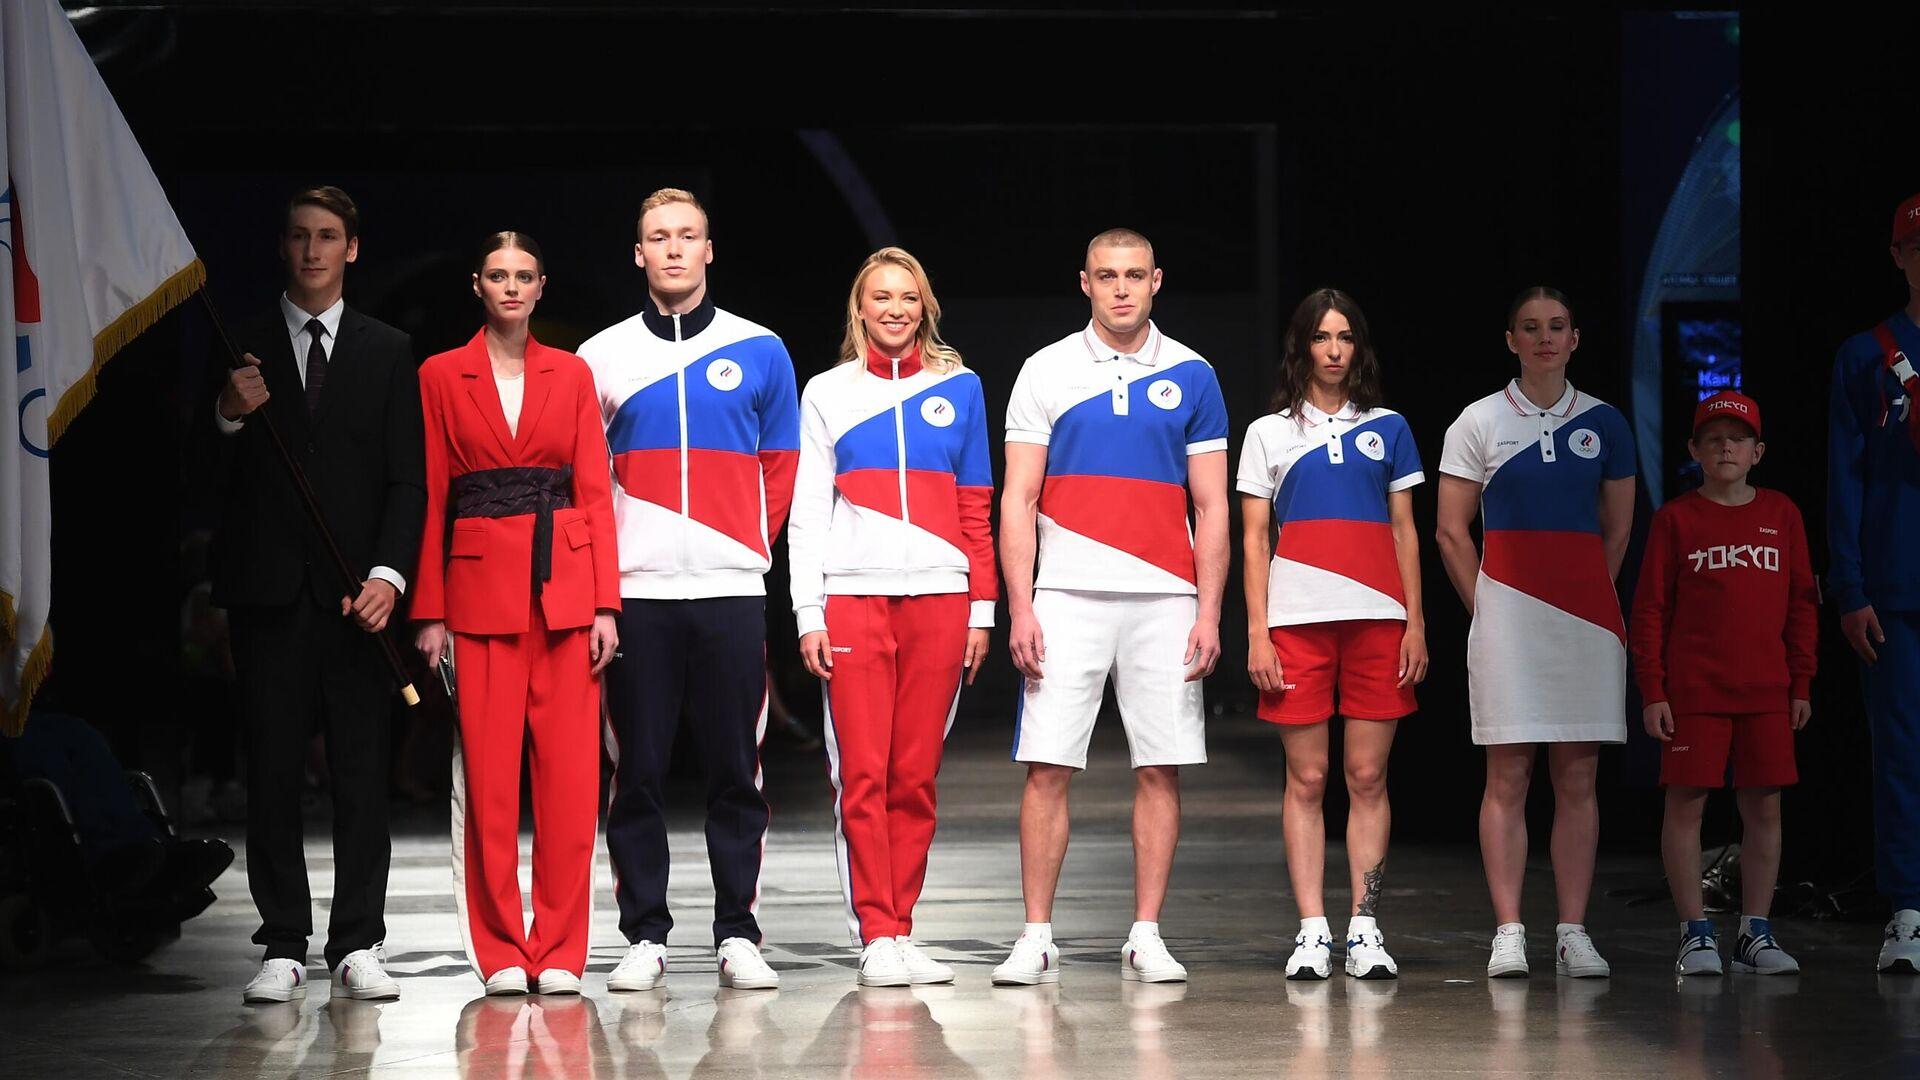 Презентация официальной формы Олимпийской команды России - РИА Новости, 1920, 16.04.2021